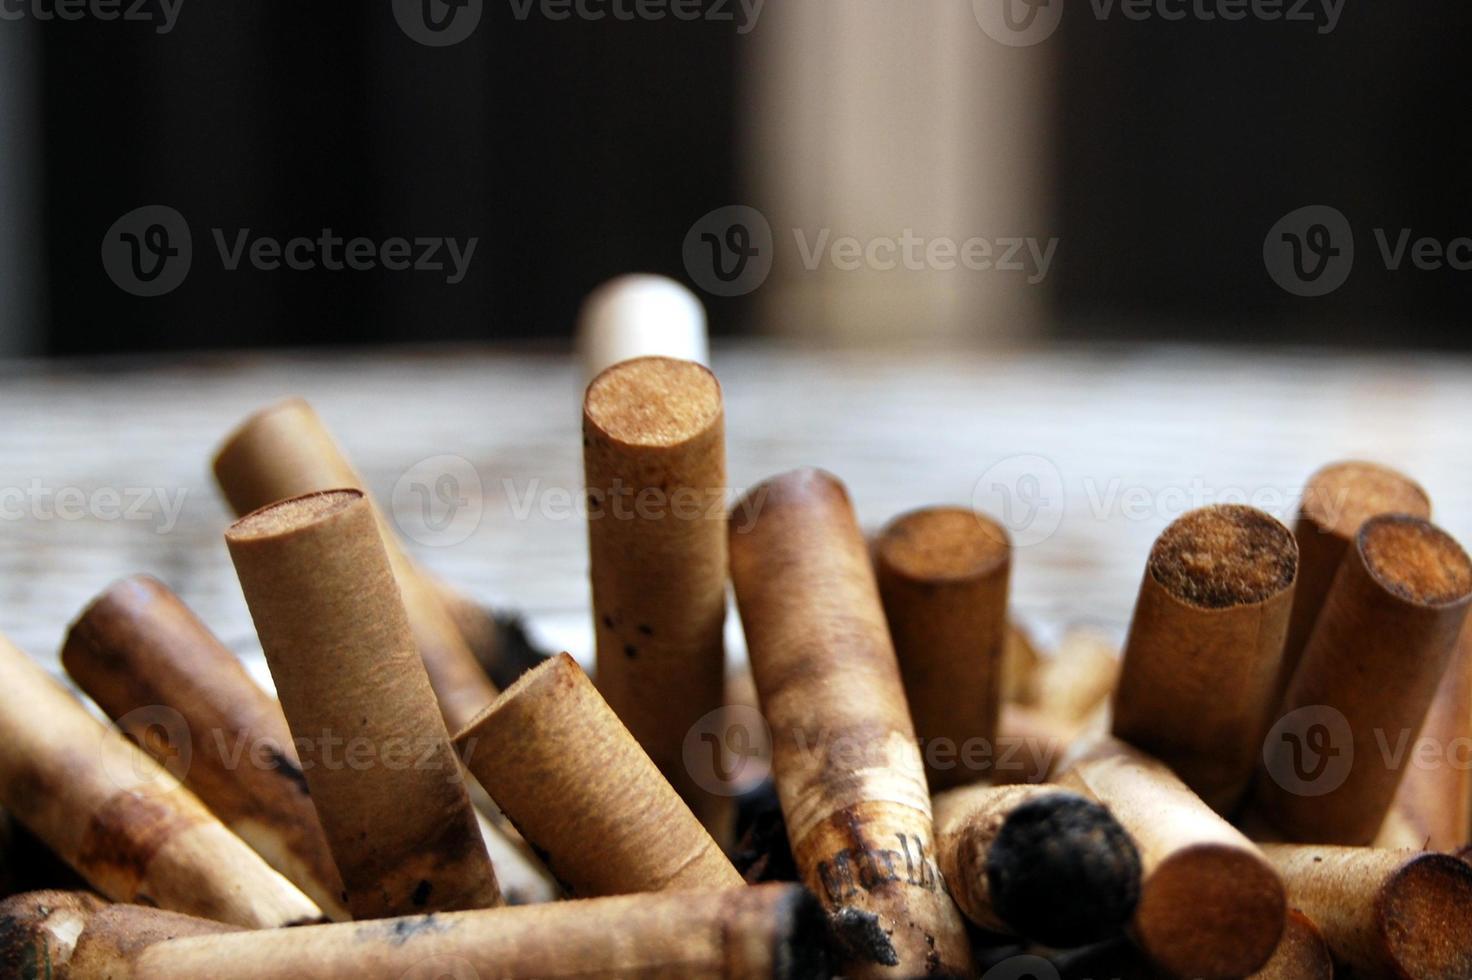 gebruikte sigarettenpeuken foto